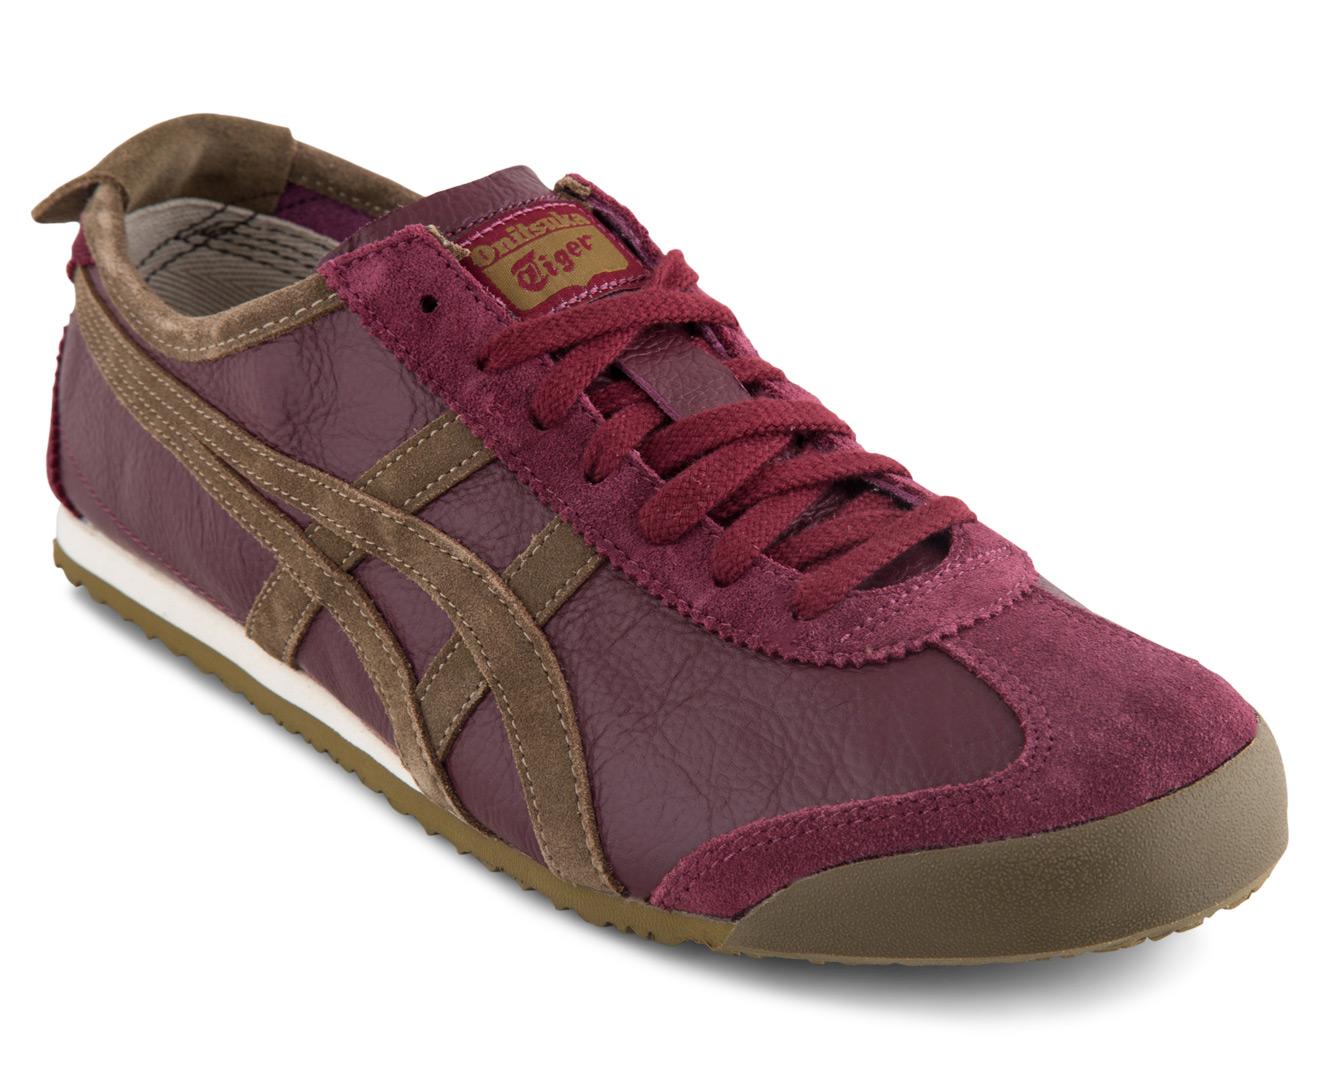 online store 48ed7 25f74 Onitsuka Tiger Mexico 66 Vintage Shoe - Zinfandel/Olive